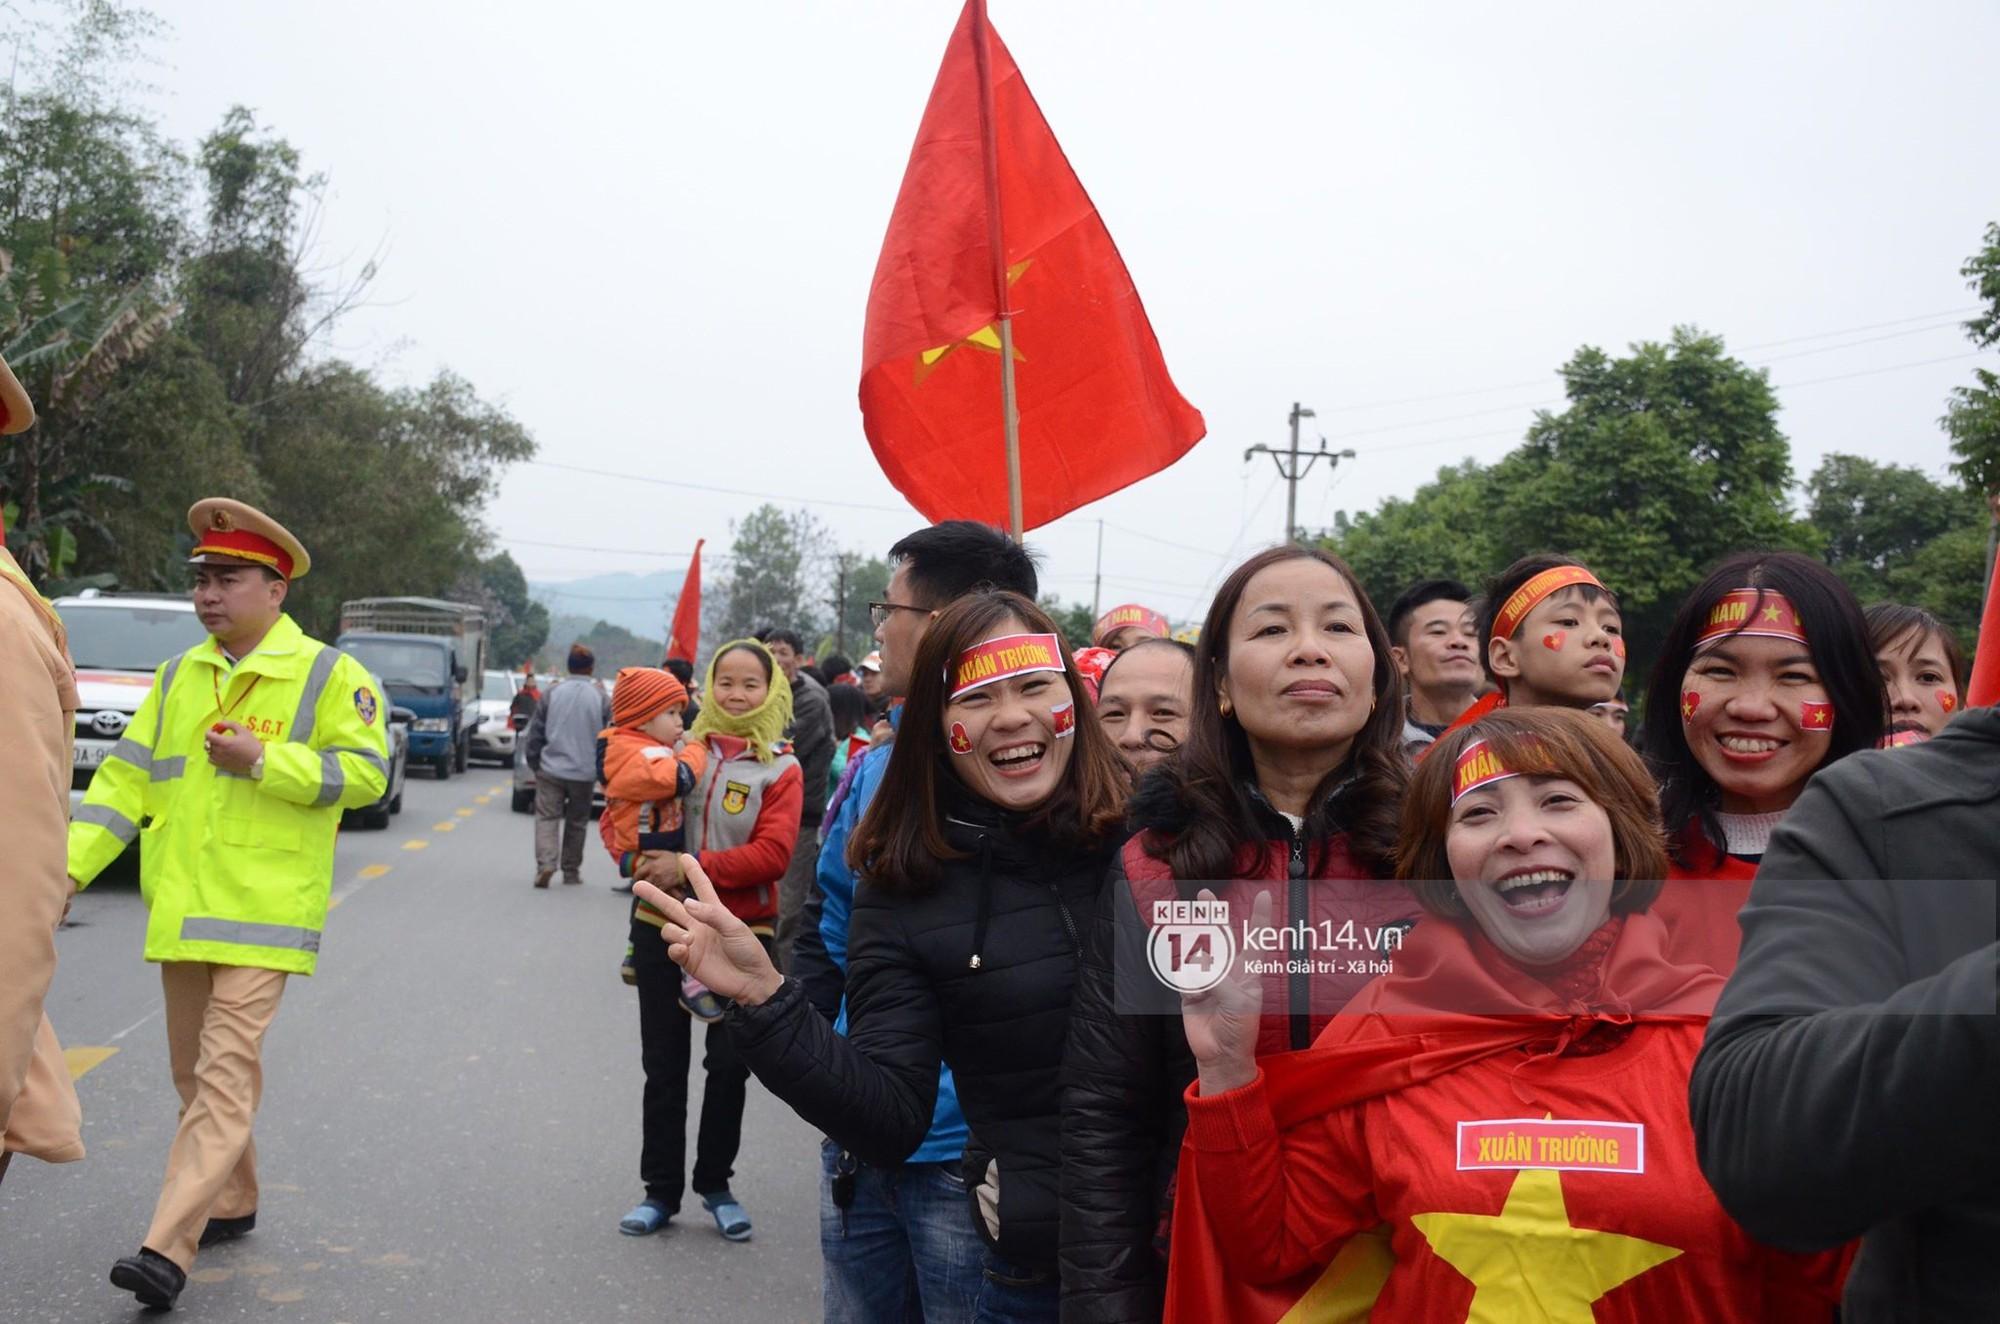 Người dân Tuyên Quang nườm nượp đổ ra đường chào đón cầu thủ Xuân Trường trở về quê hương 1